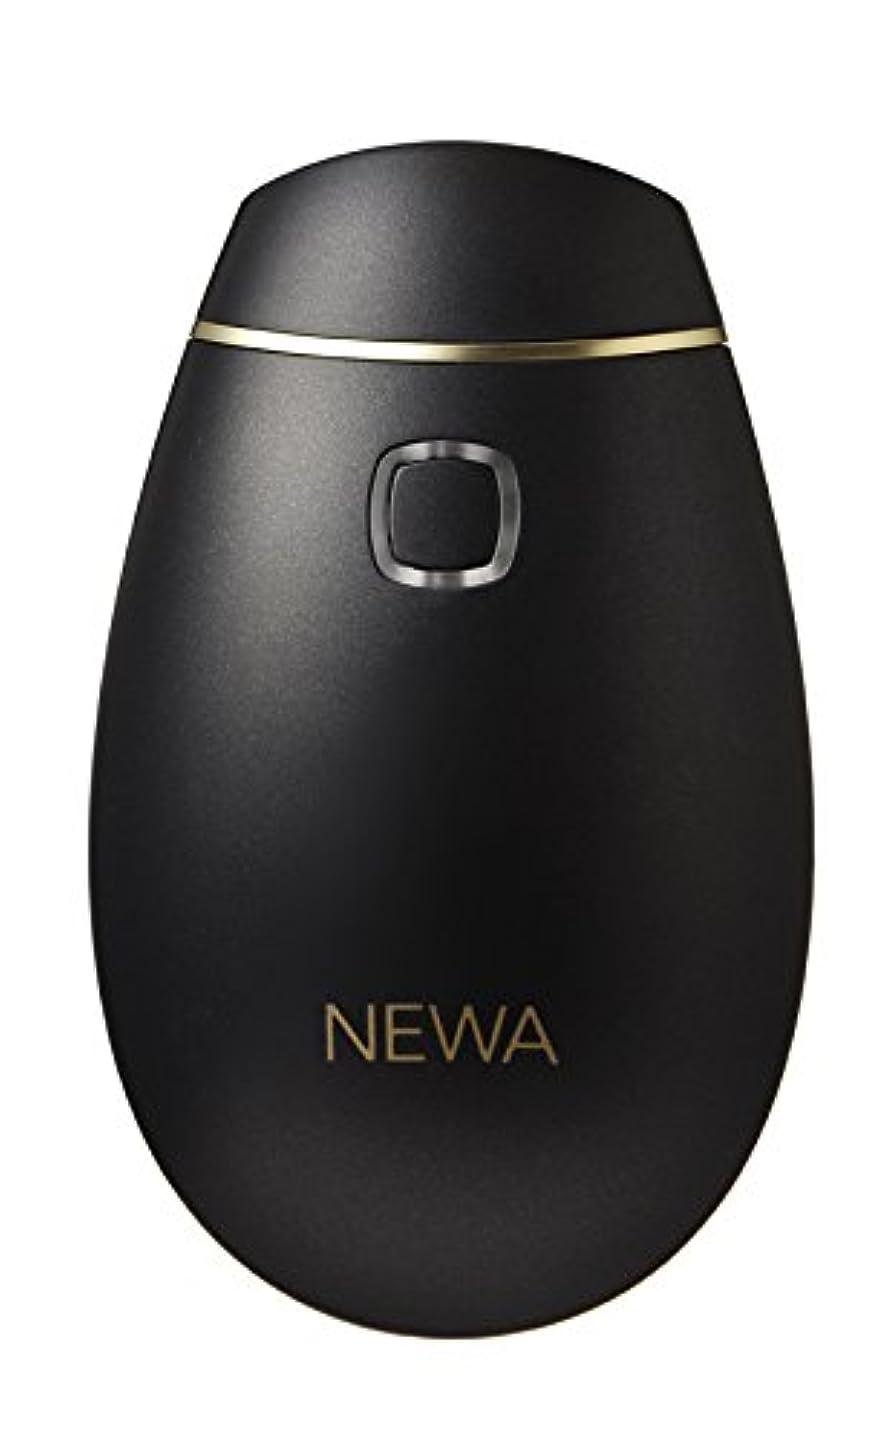 【ひきしめ専用】美顔器 NEWAリフト (スマートブラック)ニューアリフト 引きしめ たるみ ほうれい線 美顔器 フェイスライン 美容 エイジングケア メンズ